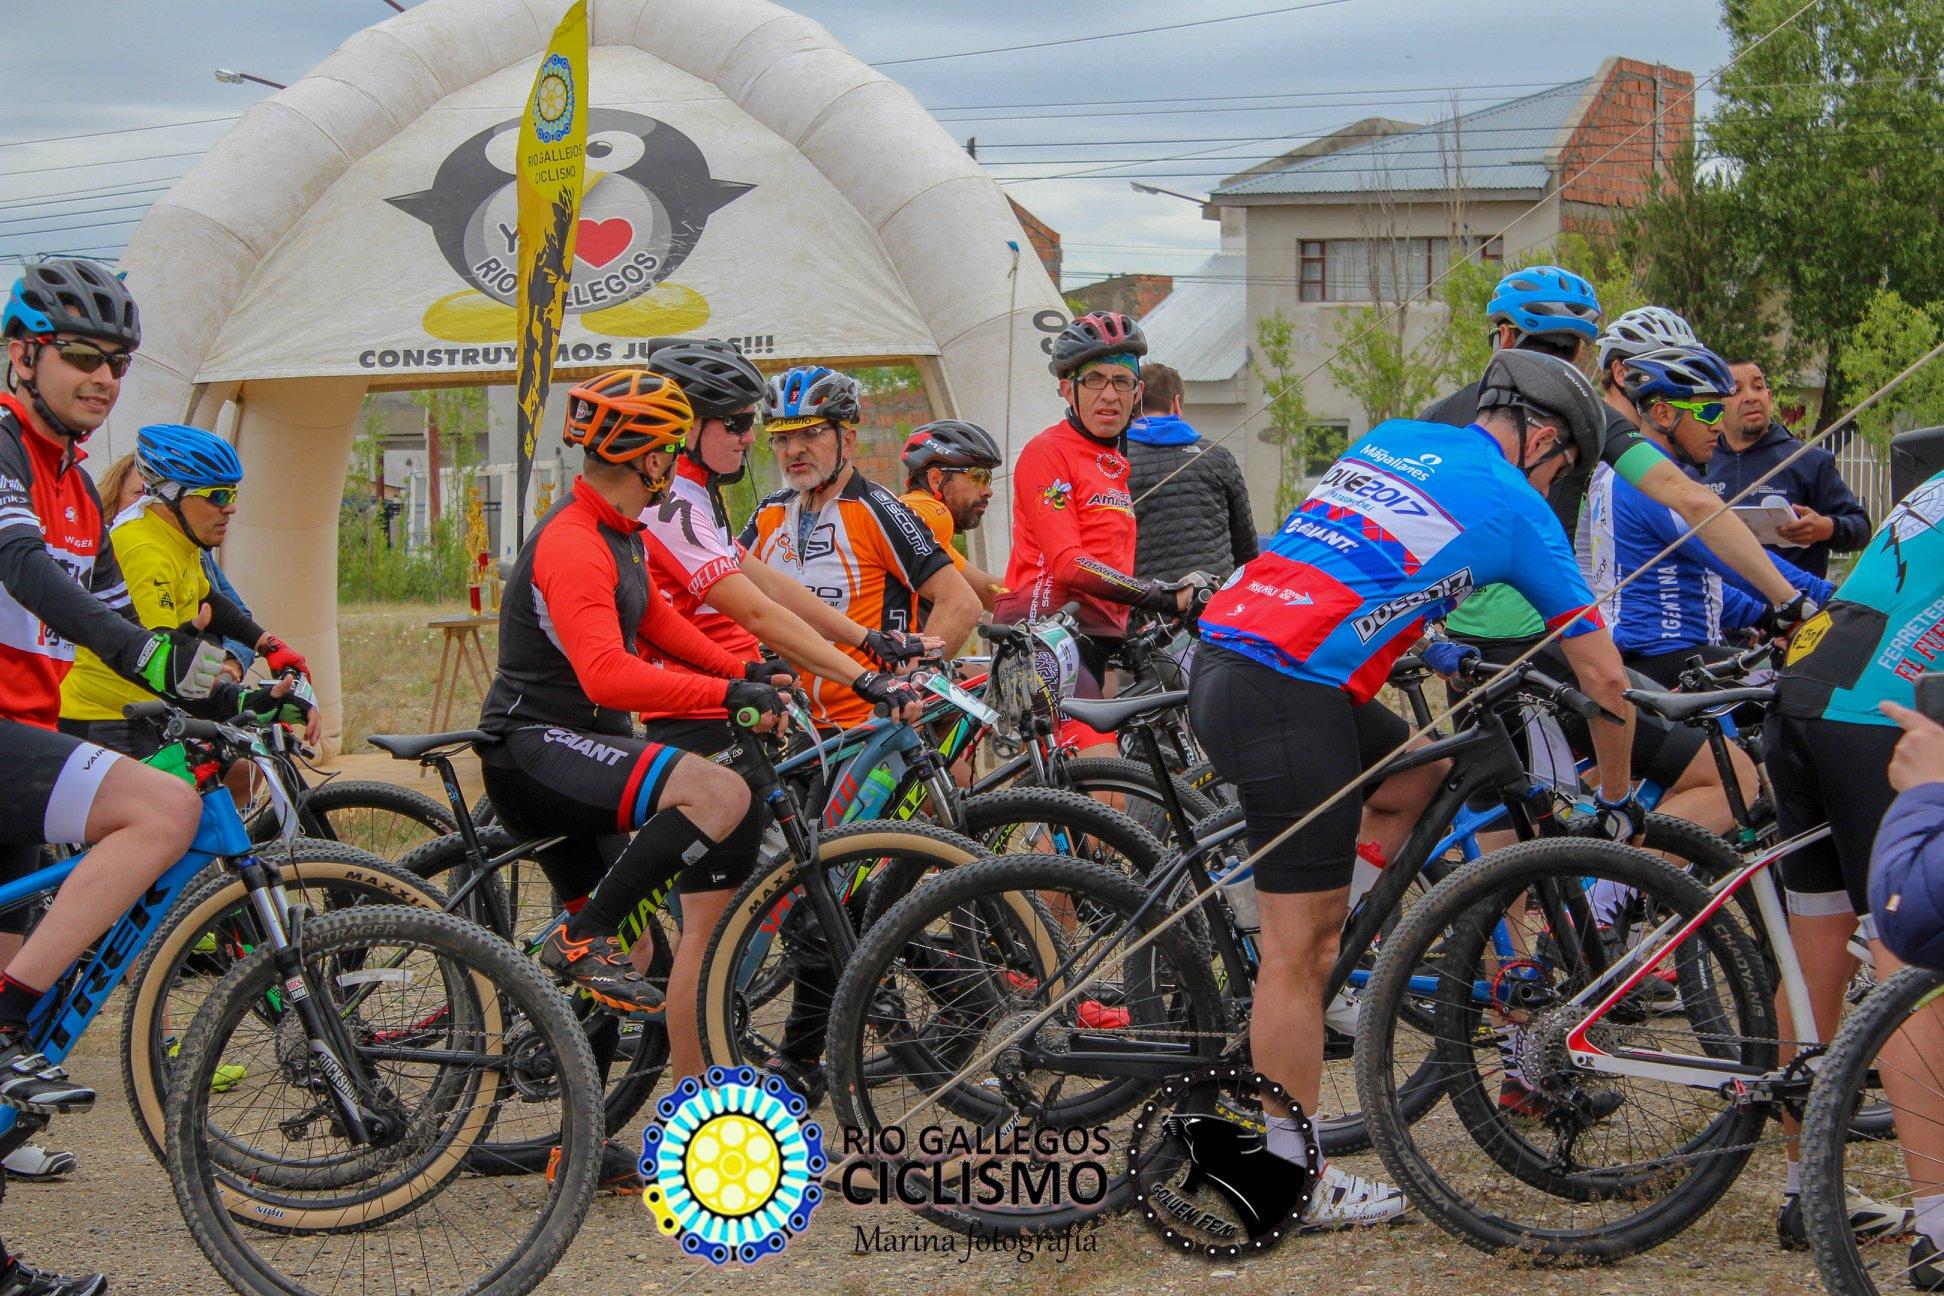 Copa Ciudad 2019. Foto Asociación de Ciclismo Rio Gallegos.